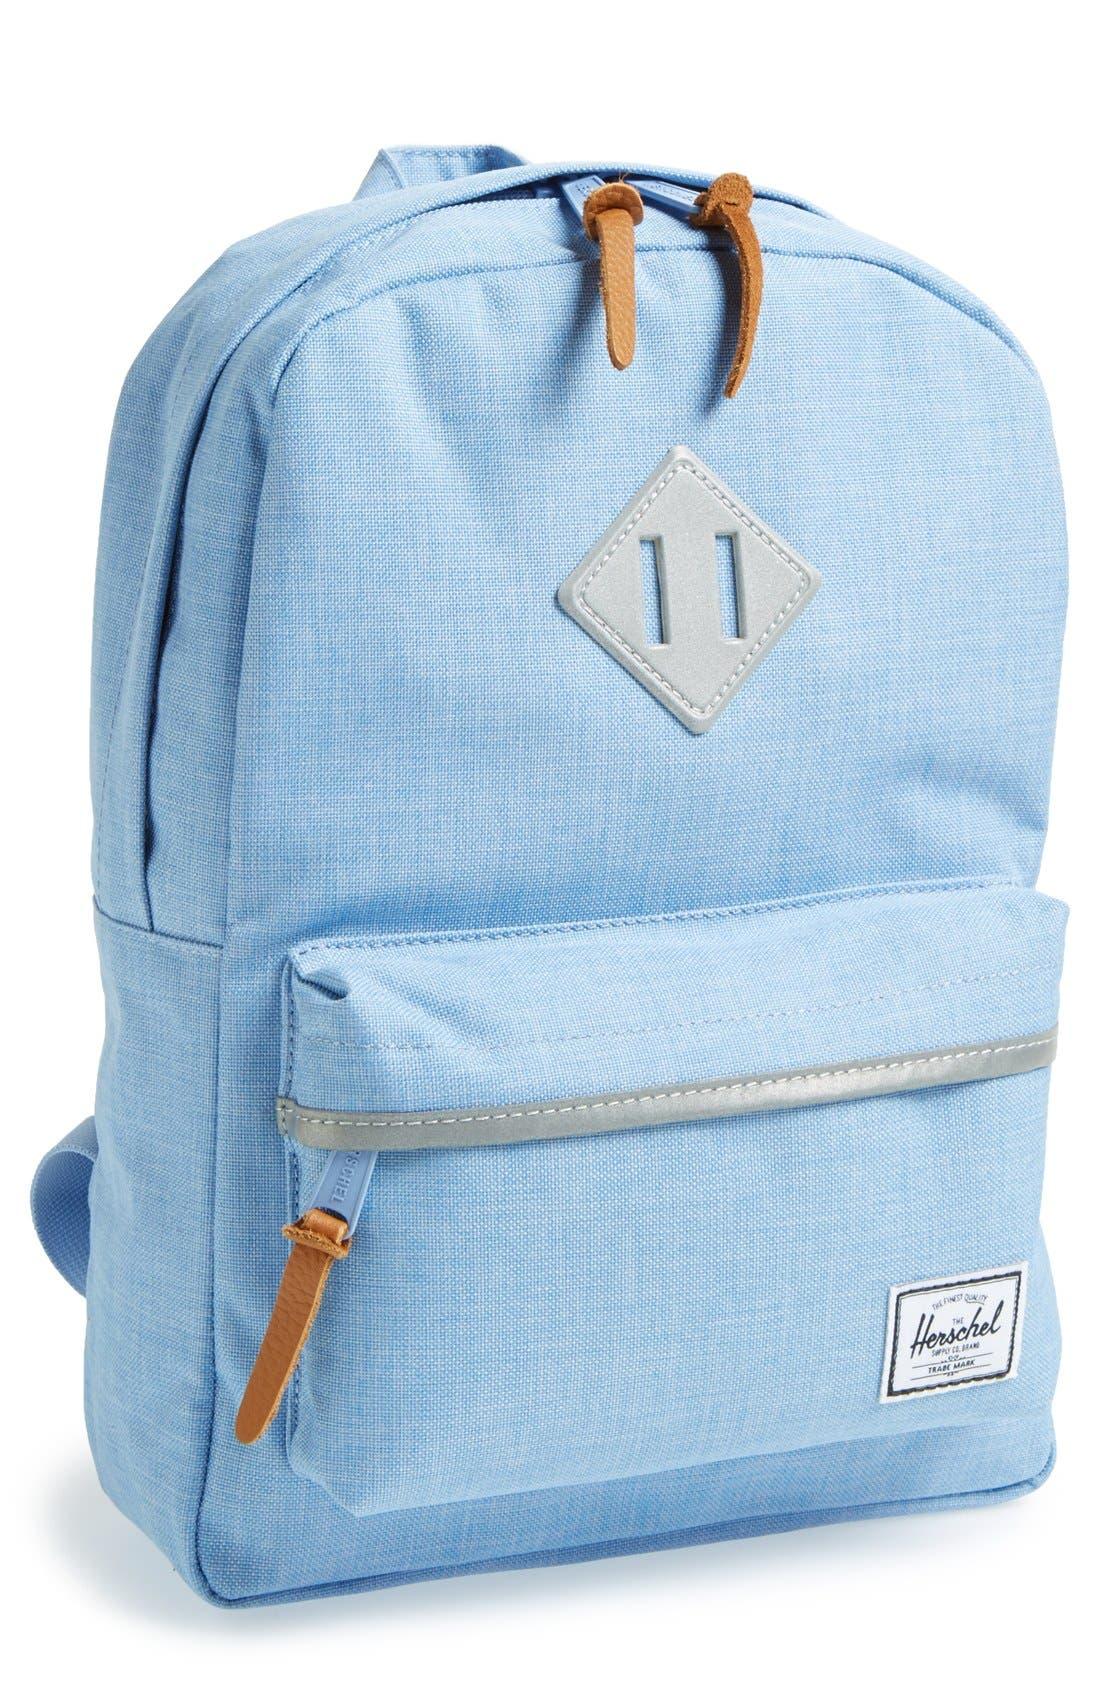 Main Image - Herschel Supply Co. 'Heritage - Camo' Backpack (Kids)